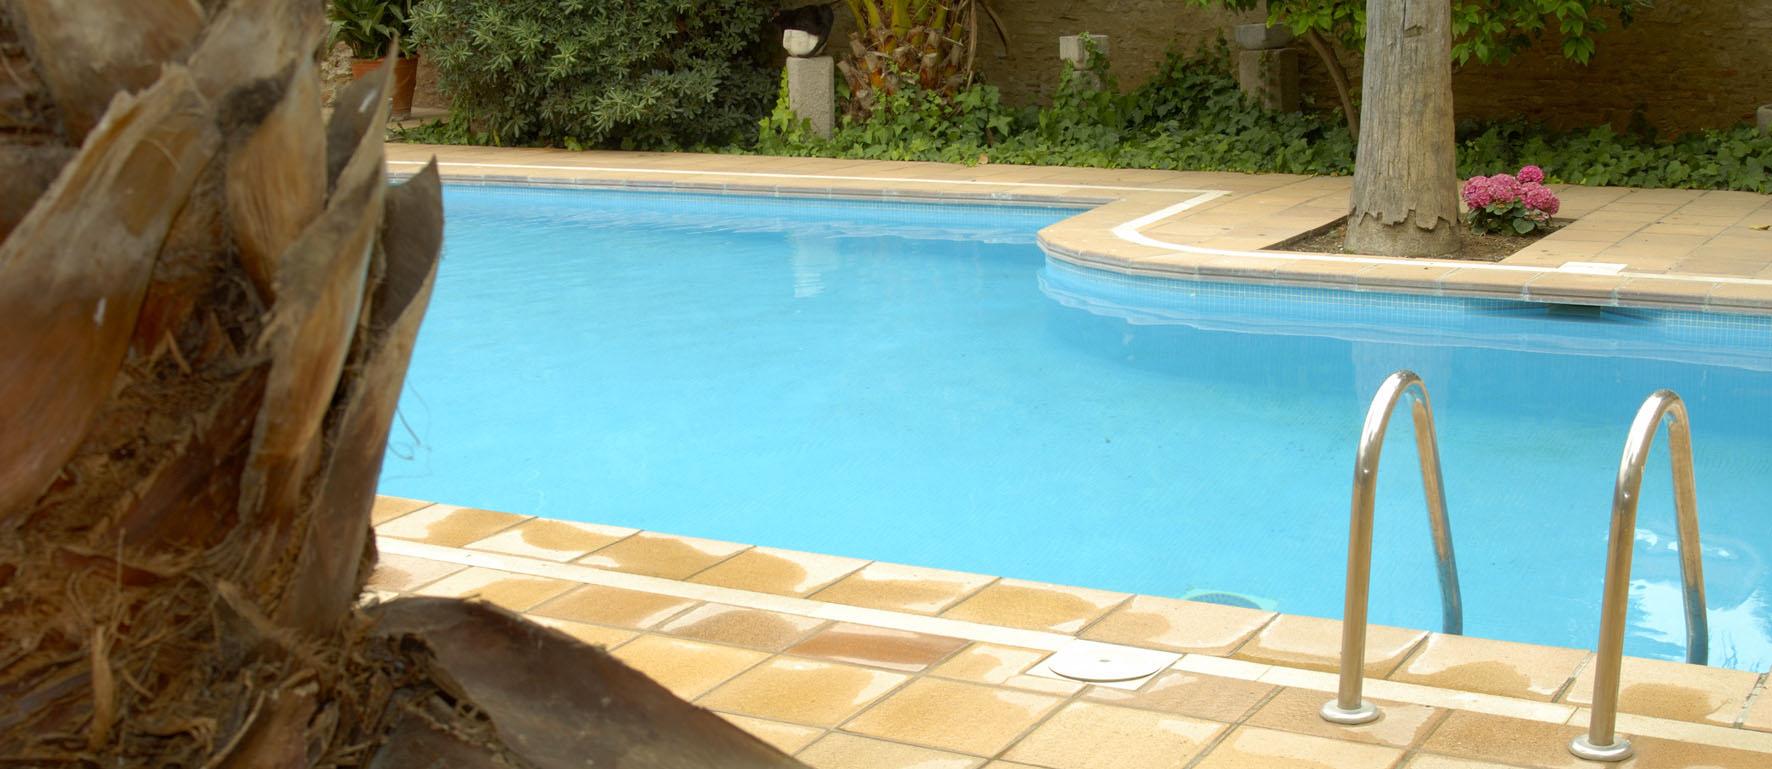 Restaurant hotel canet for Restaurant piscine